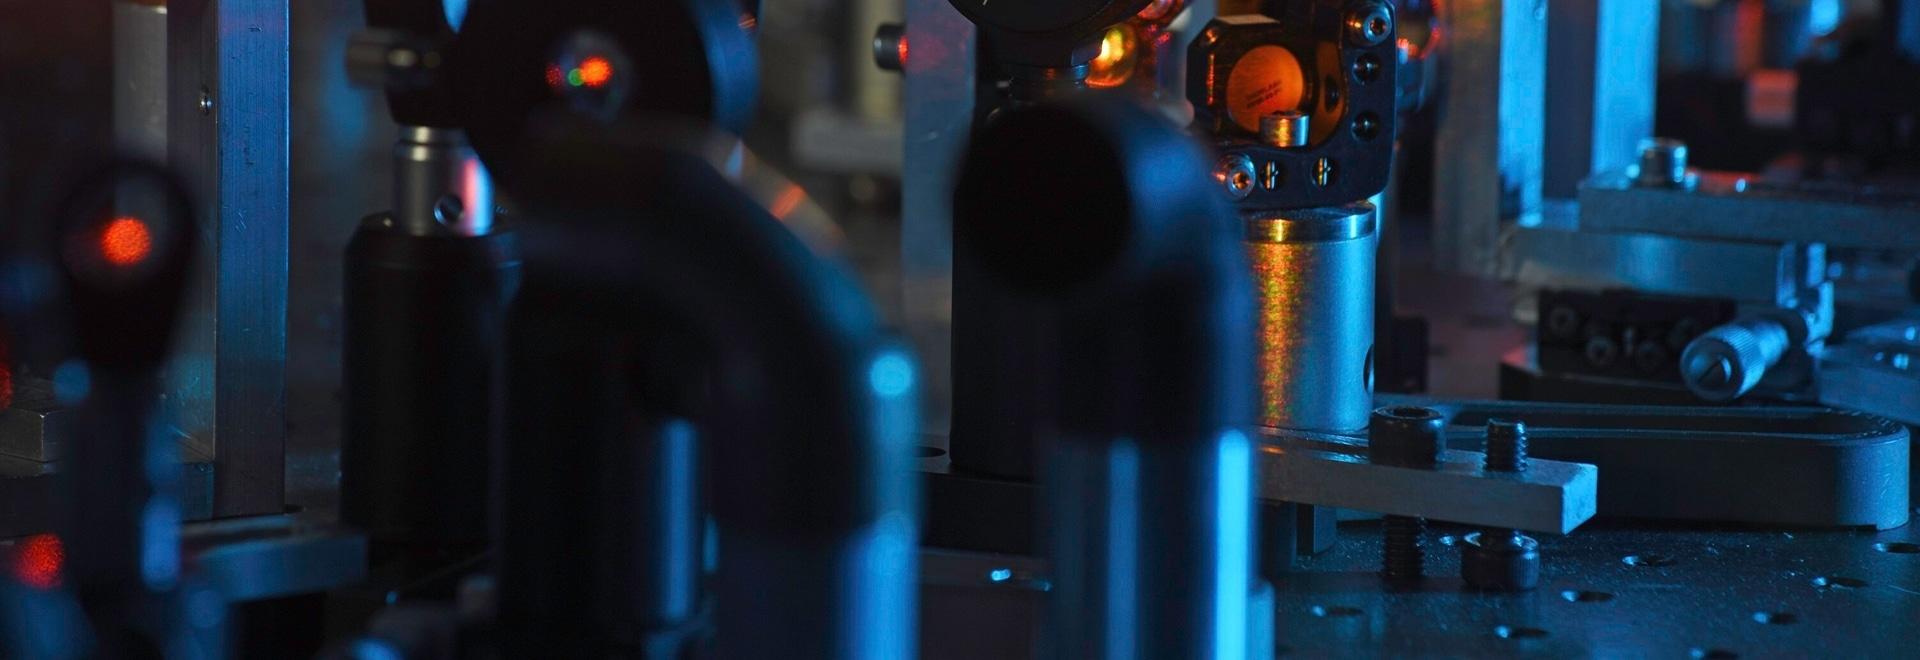 Sistema ultrarrápido del laser conveniente para la integración en soluciones de la microscopia